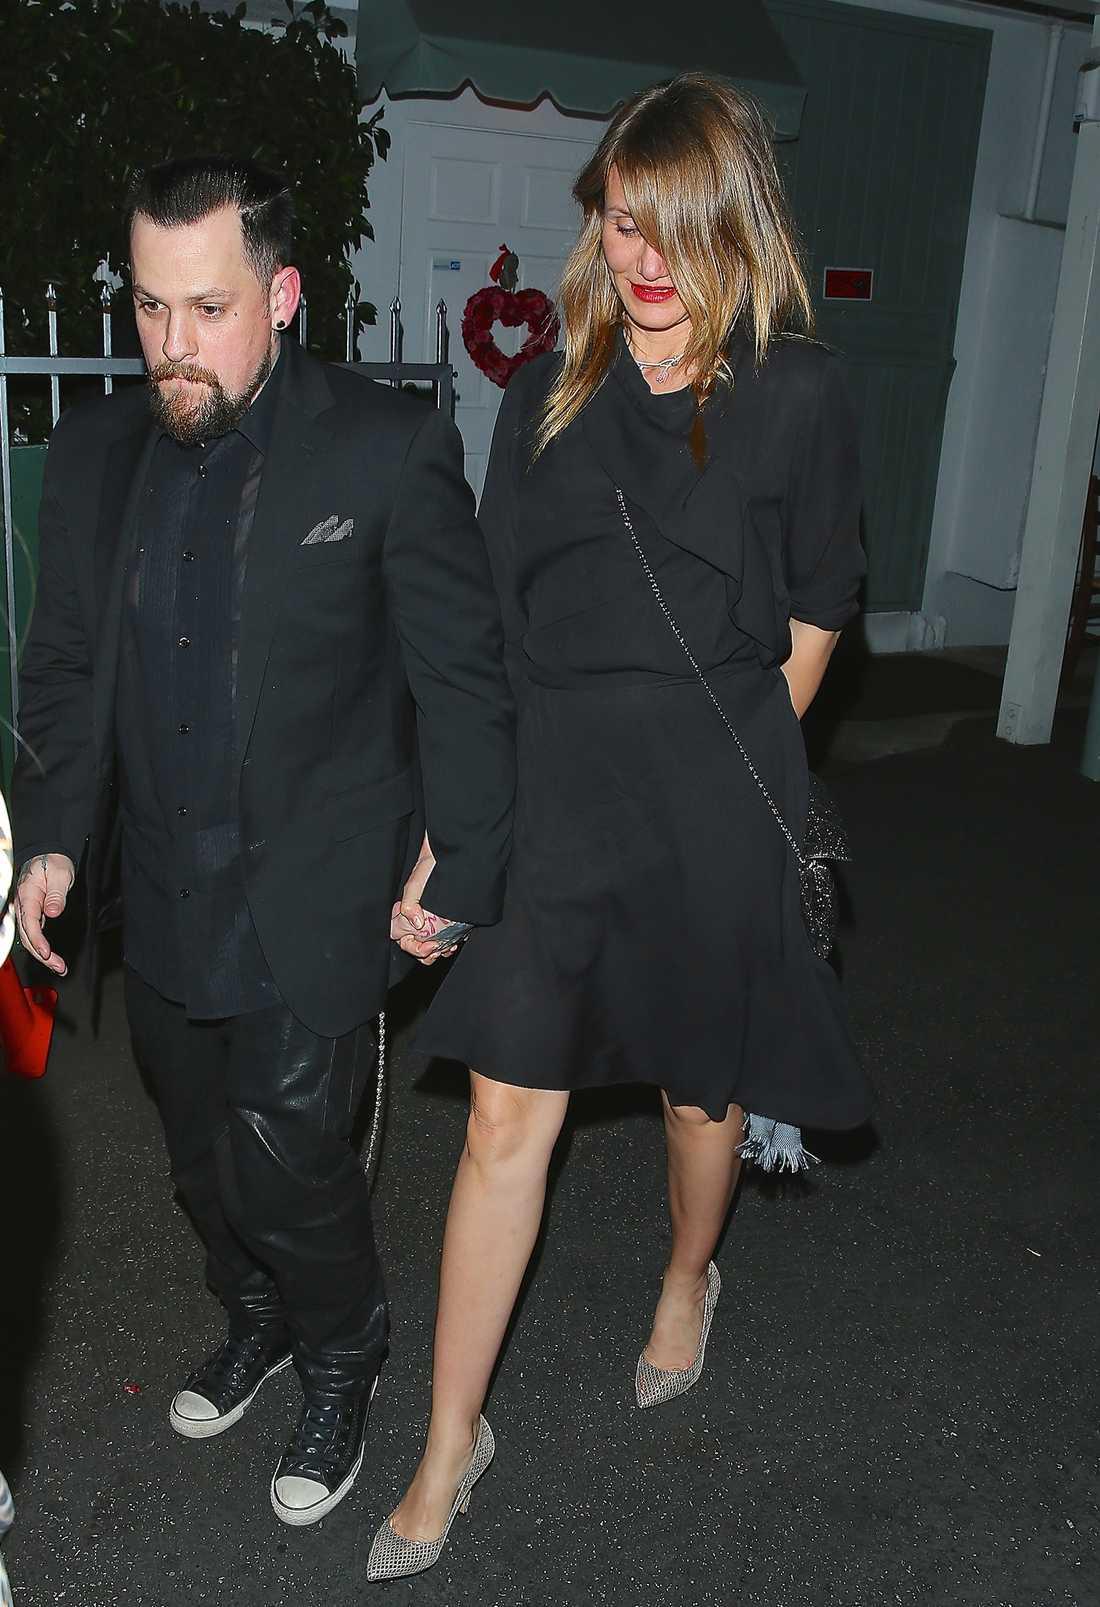 Cameron Diaz Skådespelerskan håller hårt i maken Benji Madden. Den svarta klänningen matchar hon silveraccessoarer toppat med rött läppstift – snyggt!